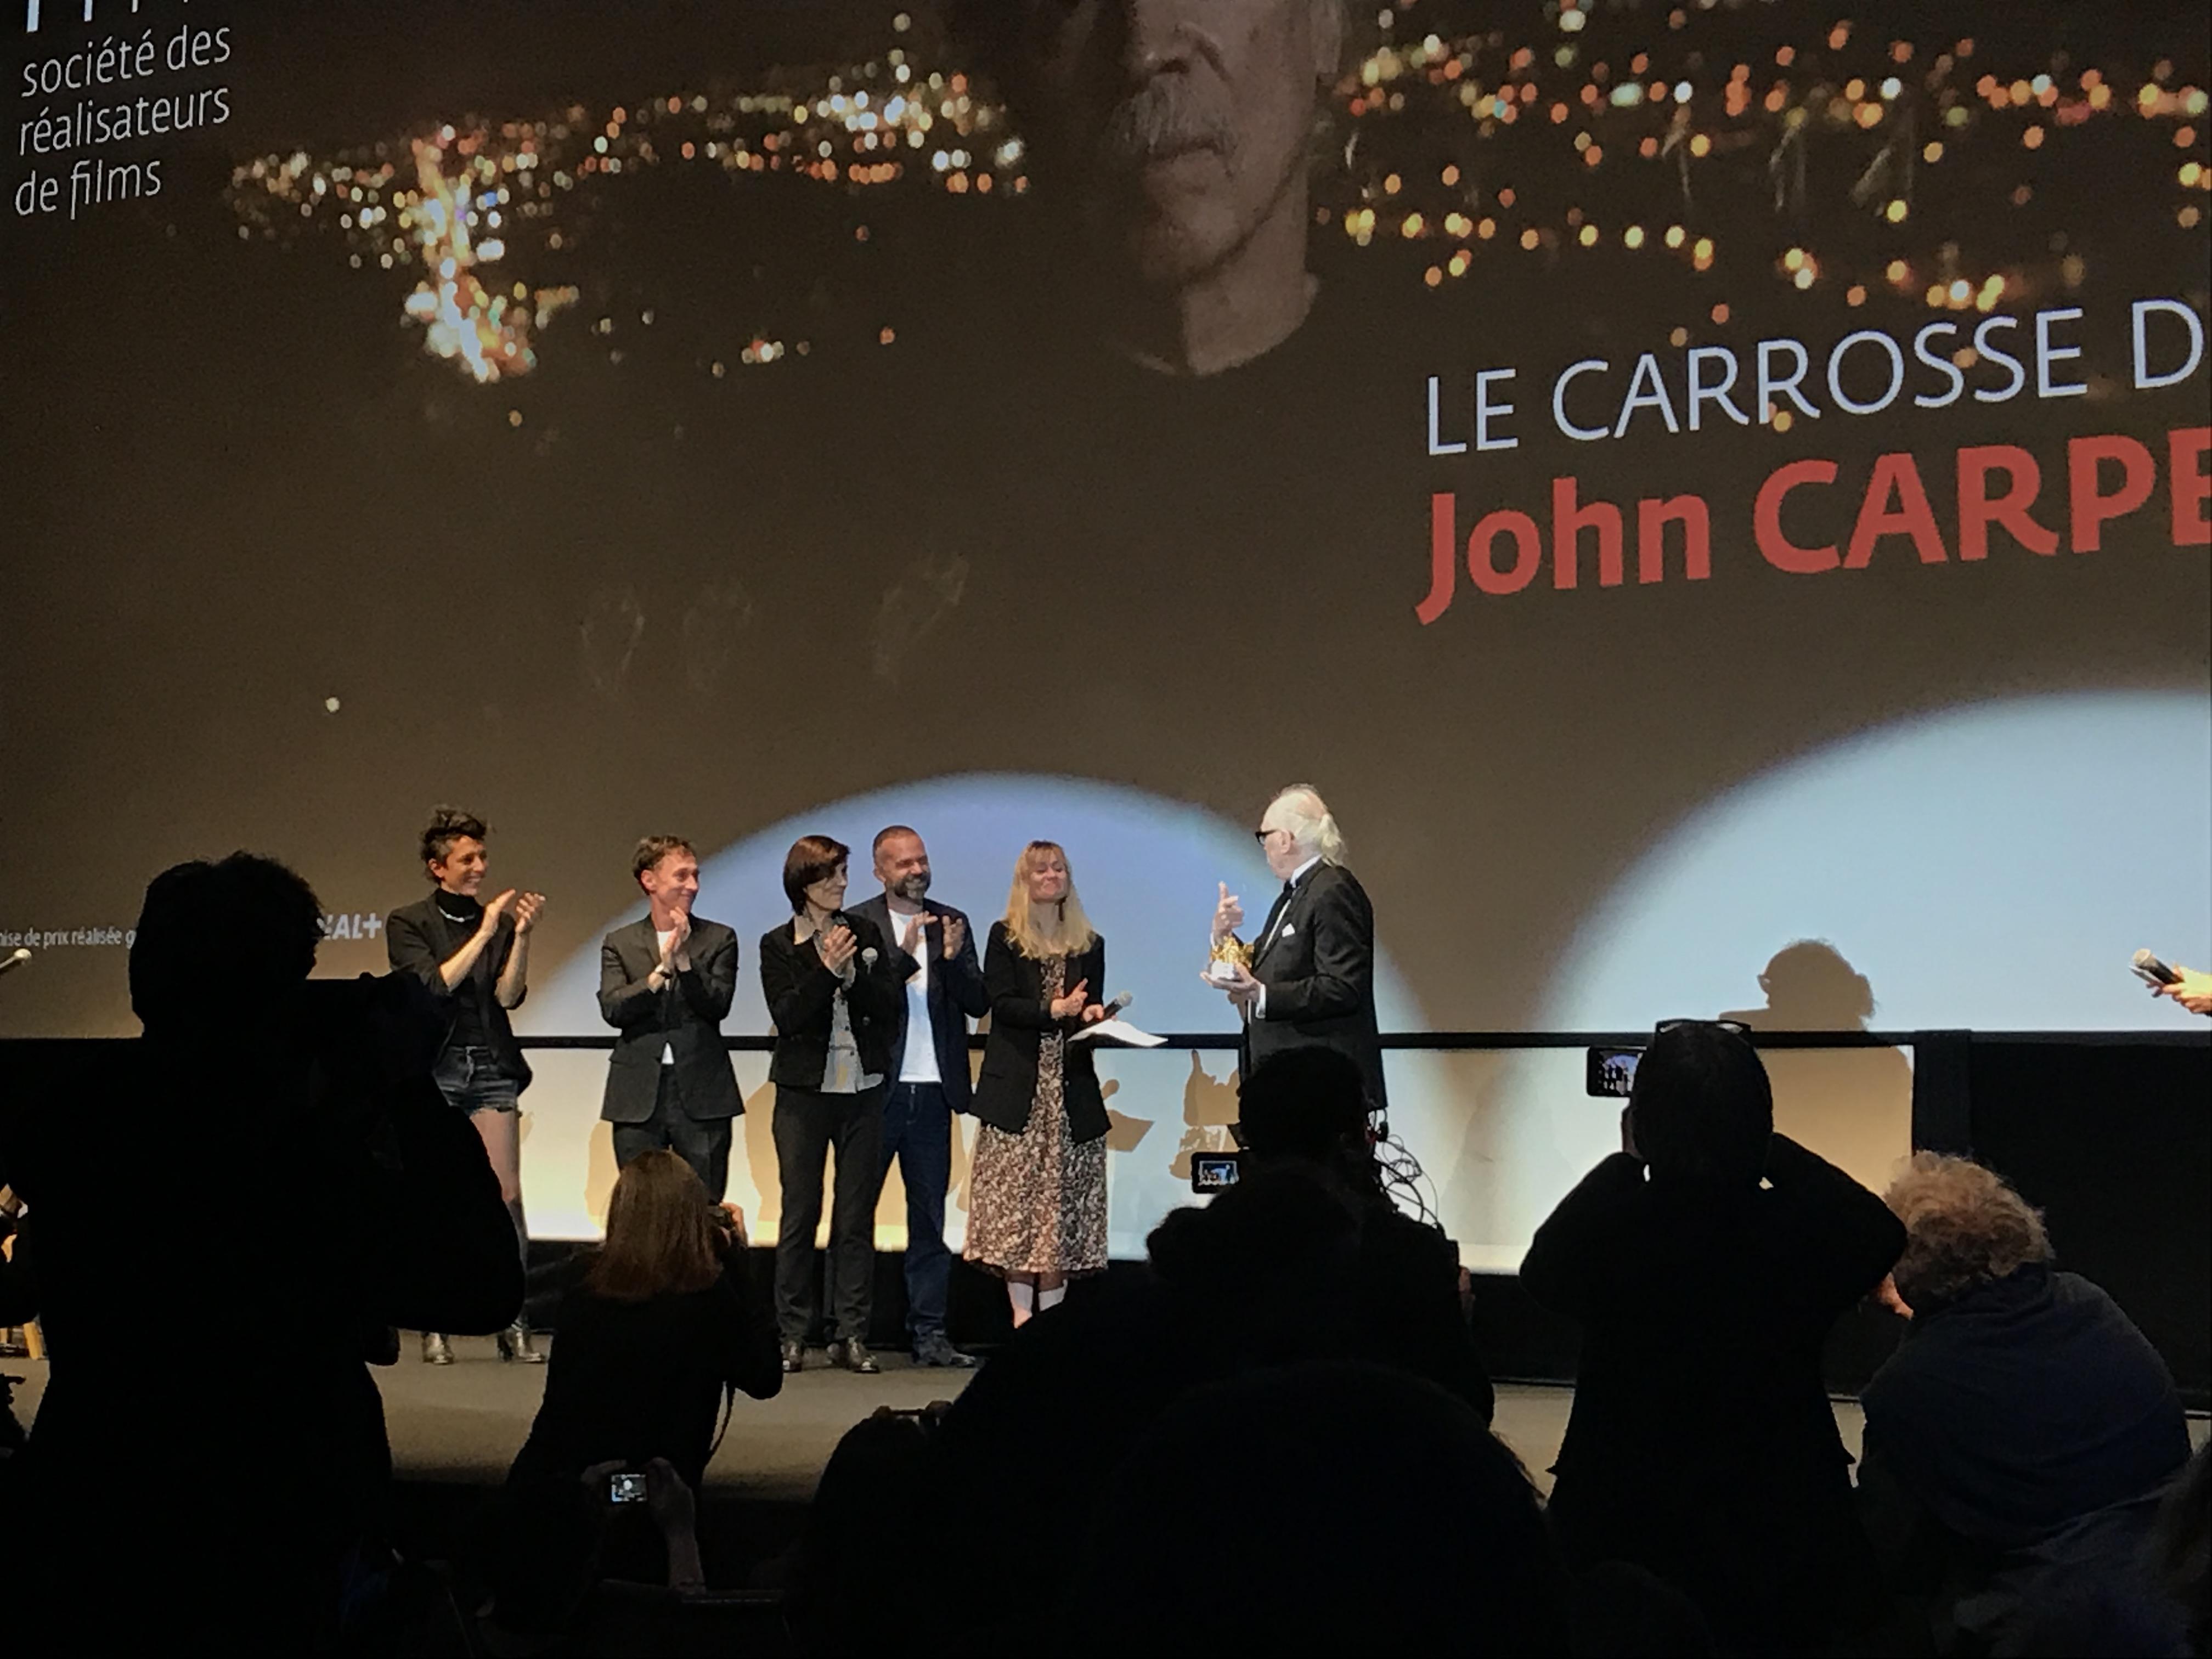 Cannes 2019: uno scatto di John Carpenter alla serata di apertura della Quinzaine